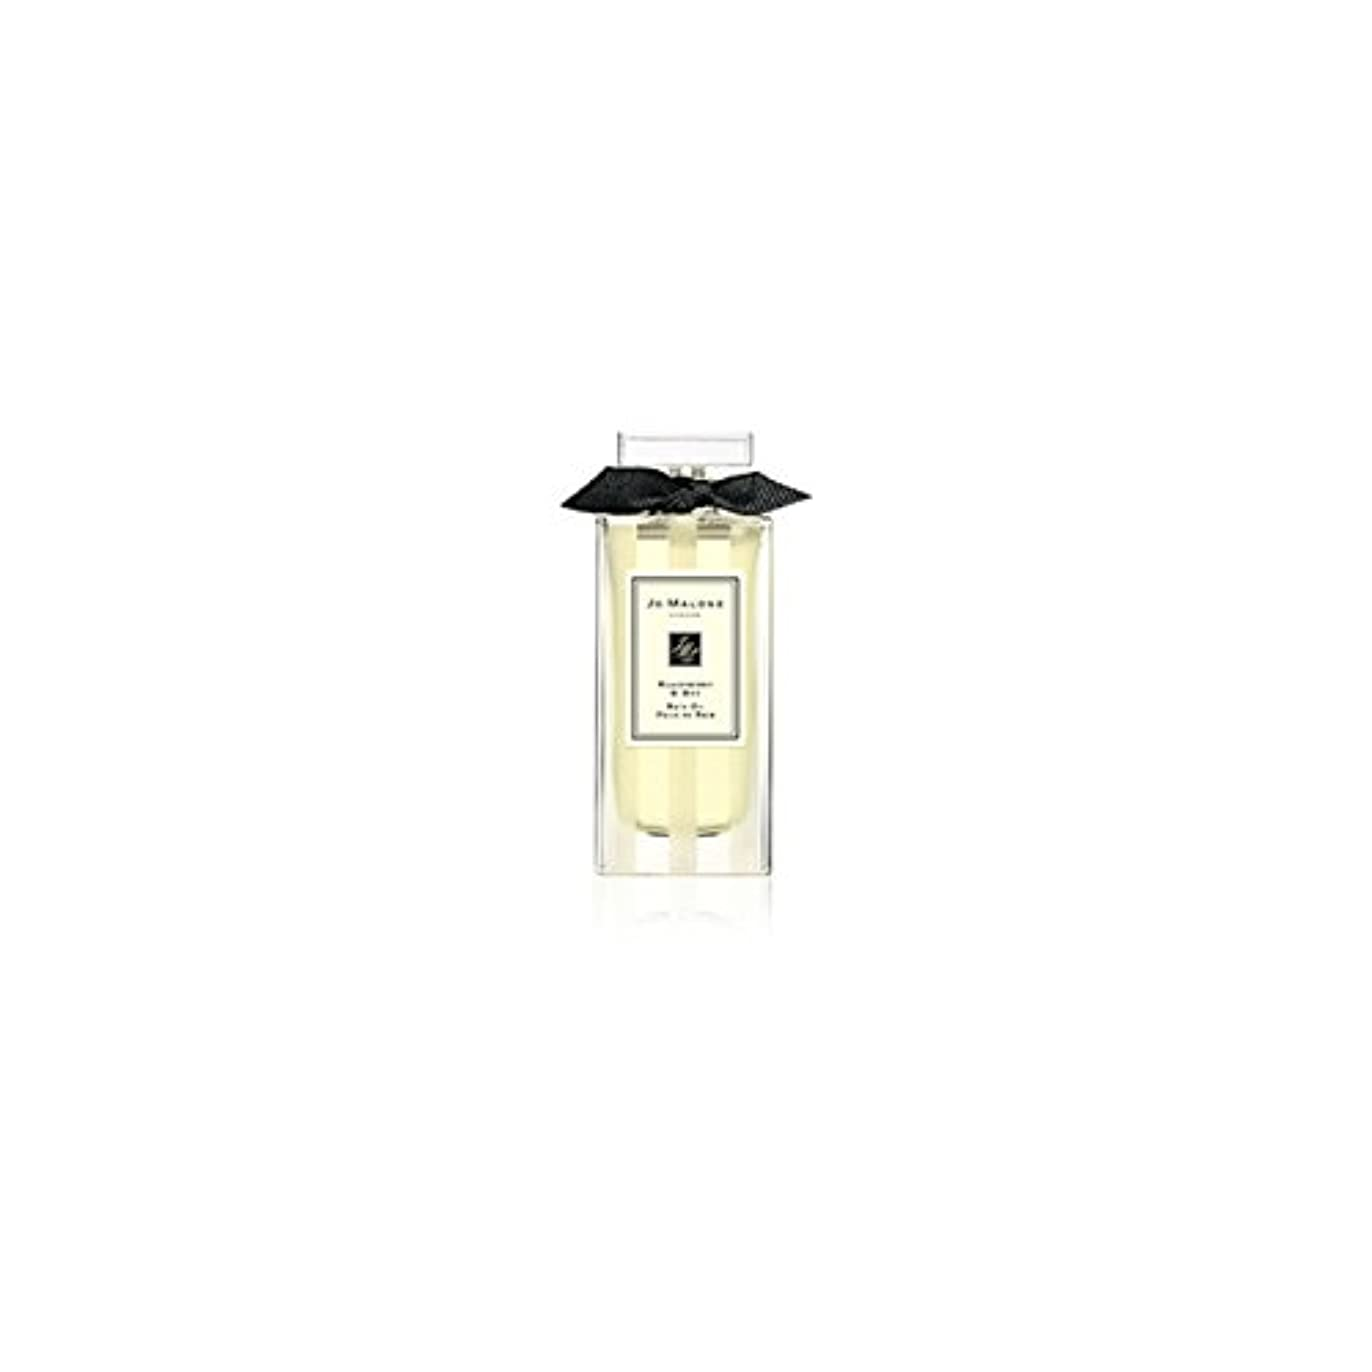 ワークショップコースエーカーJo Malone Blackberry & Bay Bath Oil - 30ml (Pack of 6) - ジョーマローンブラックベリー&ベイバスオイル - 30ミリリットル (x6) [並行輸入品]